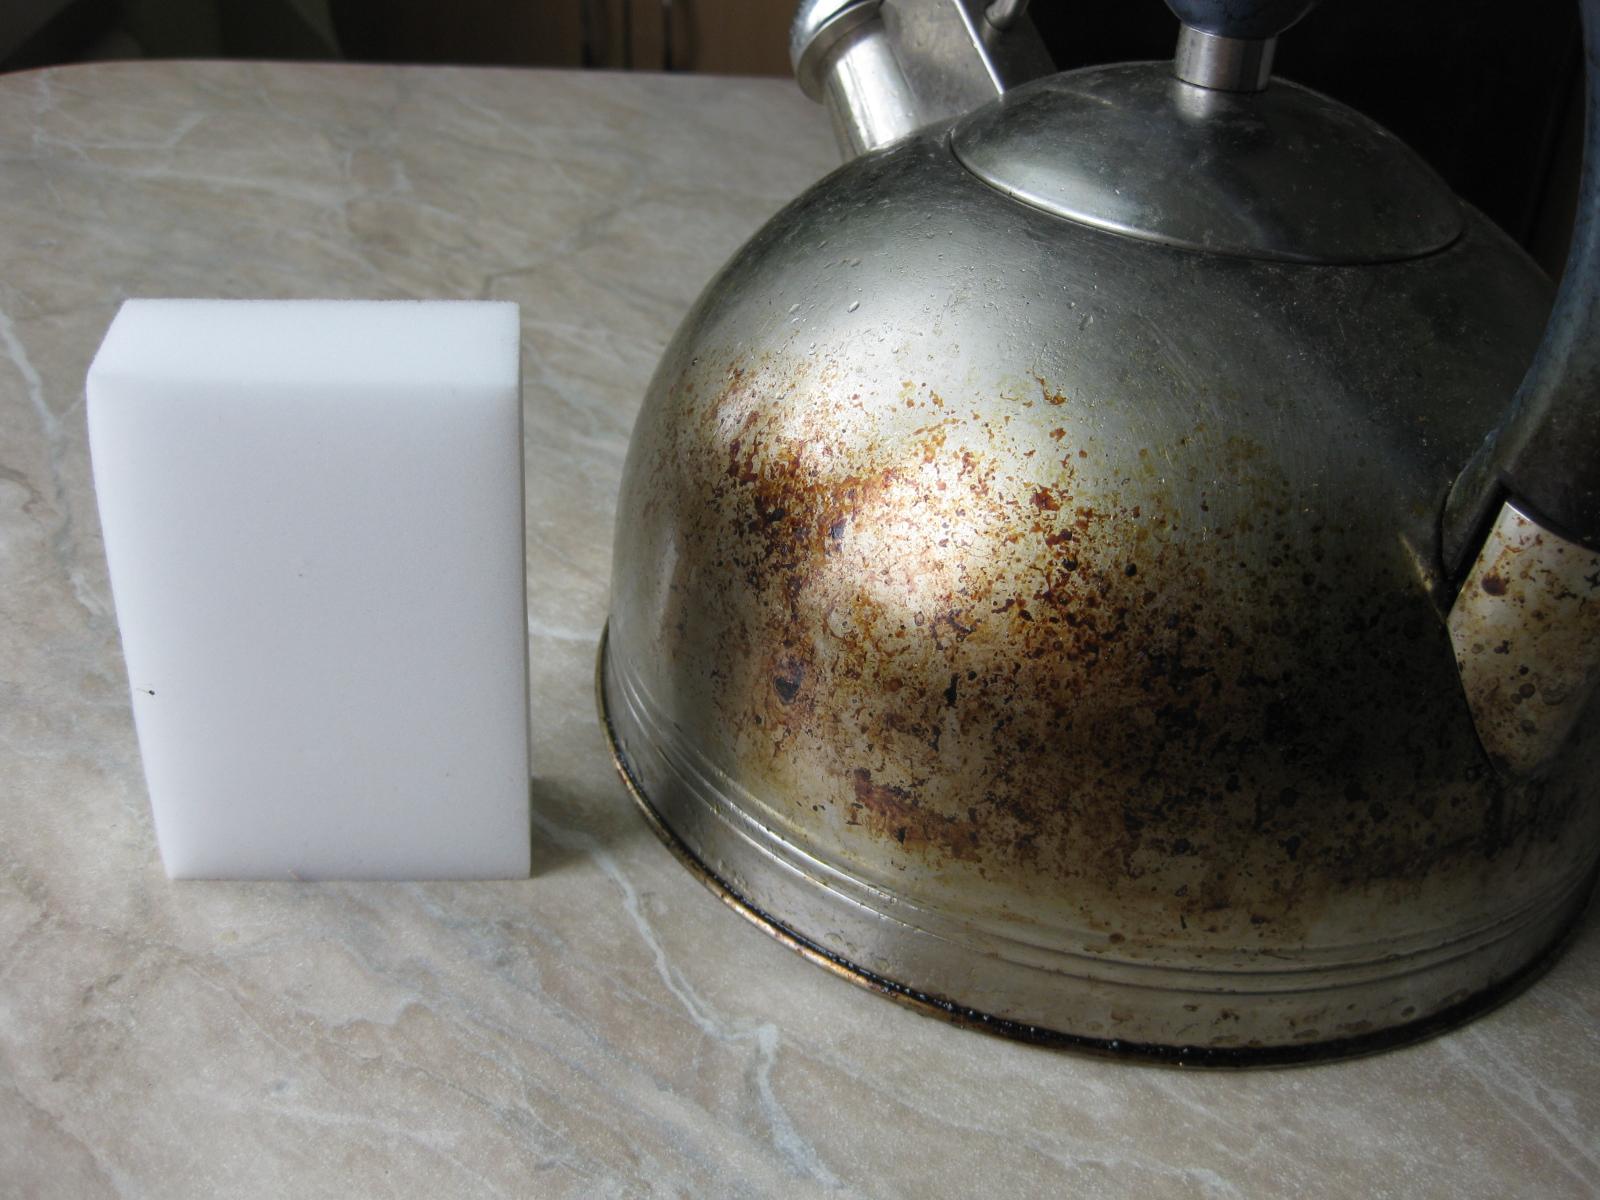 Фото грязного чайника